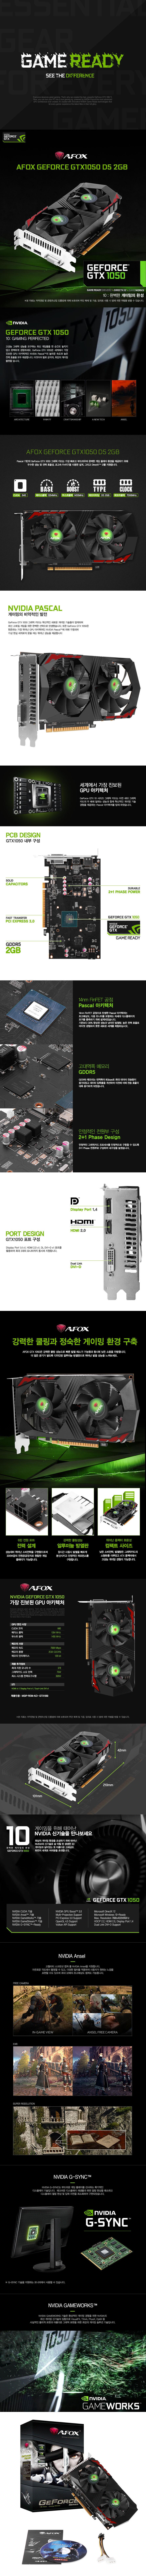 AFOX 지포스 GTX 1050 듀얼 D5 2GB db.jpg